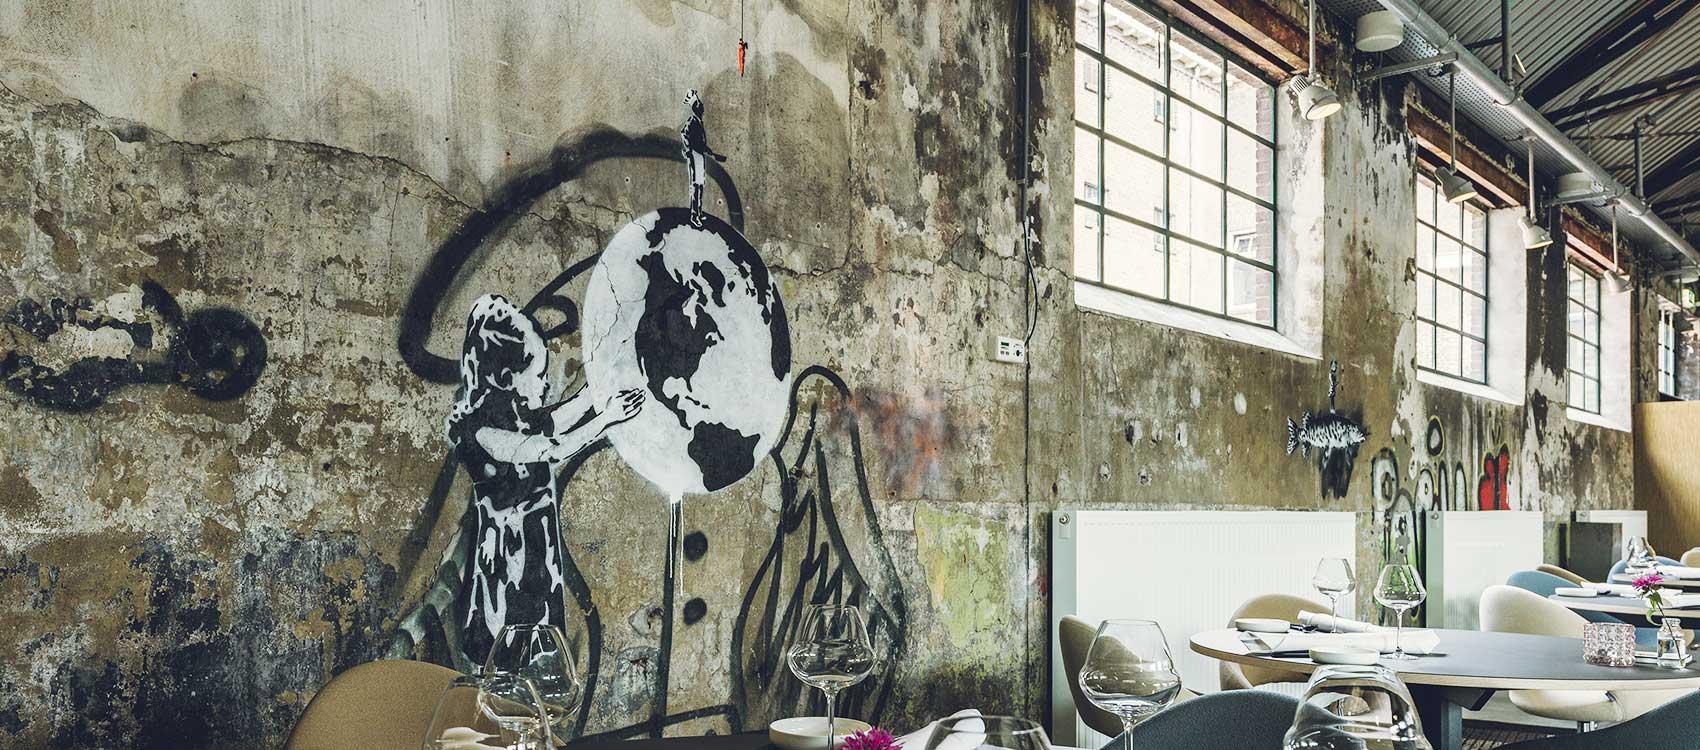 Sterrenkeuken in fabriekshal